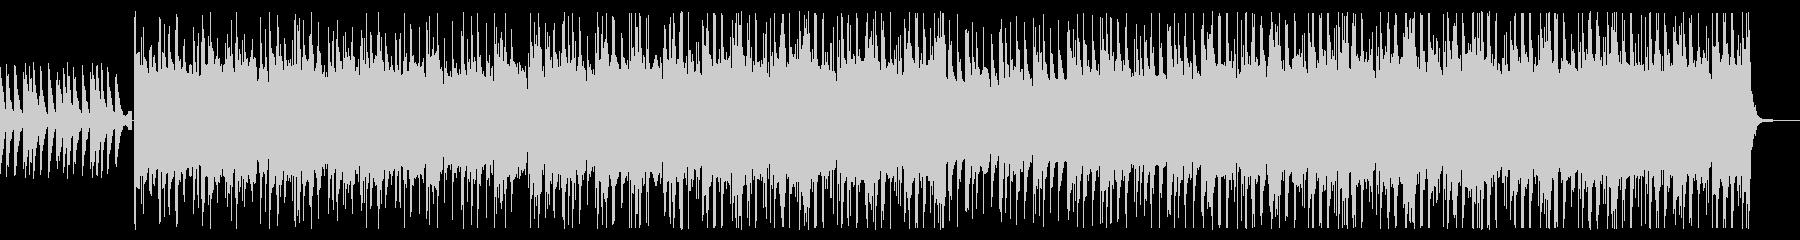 洋楽テイストでノリの良いポップスの未再生の波形